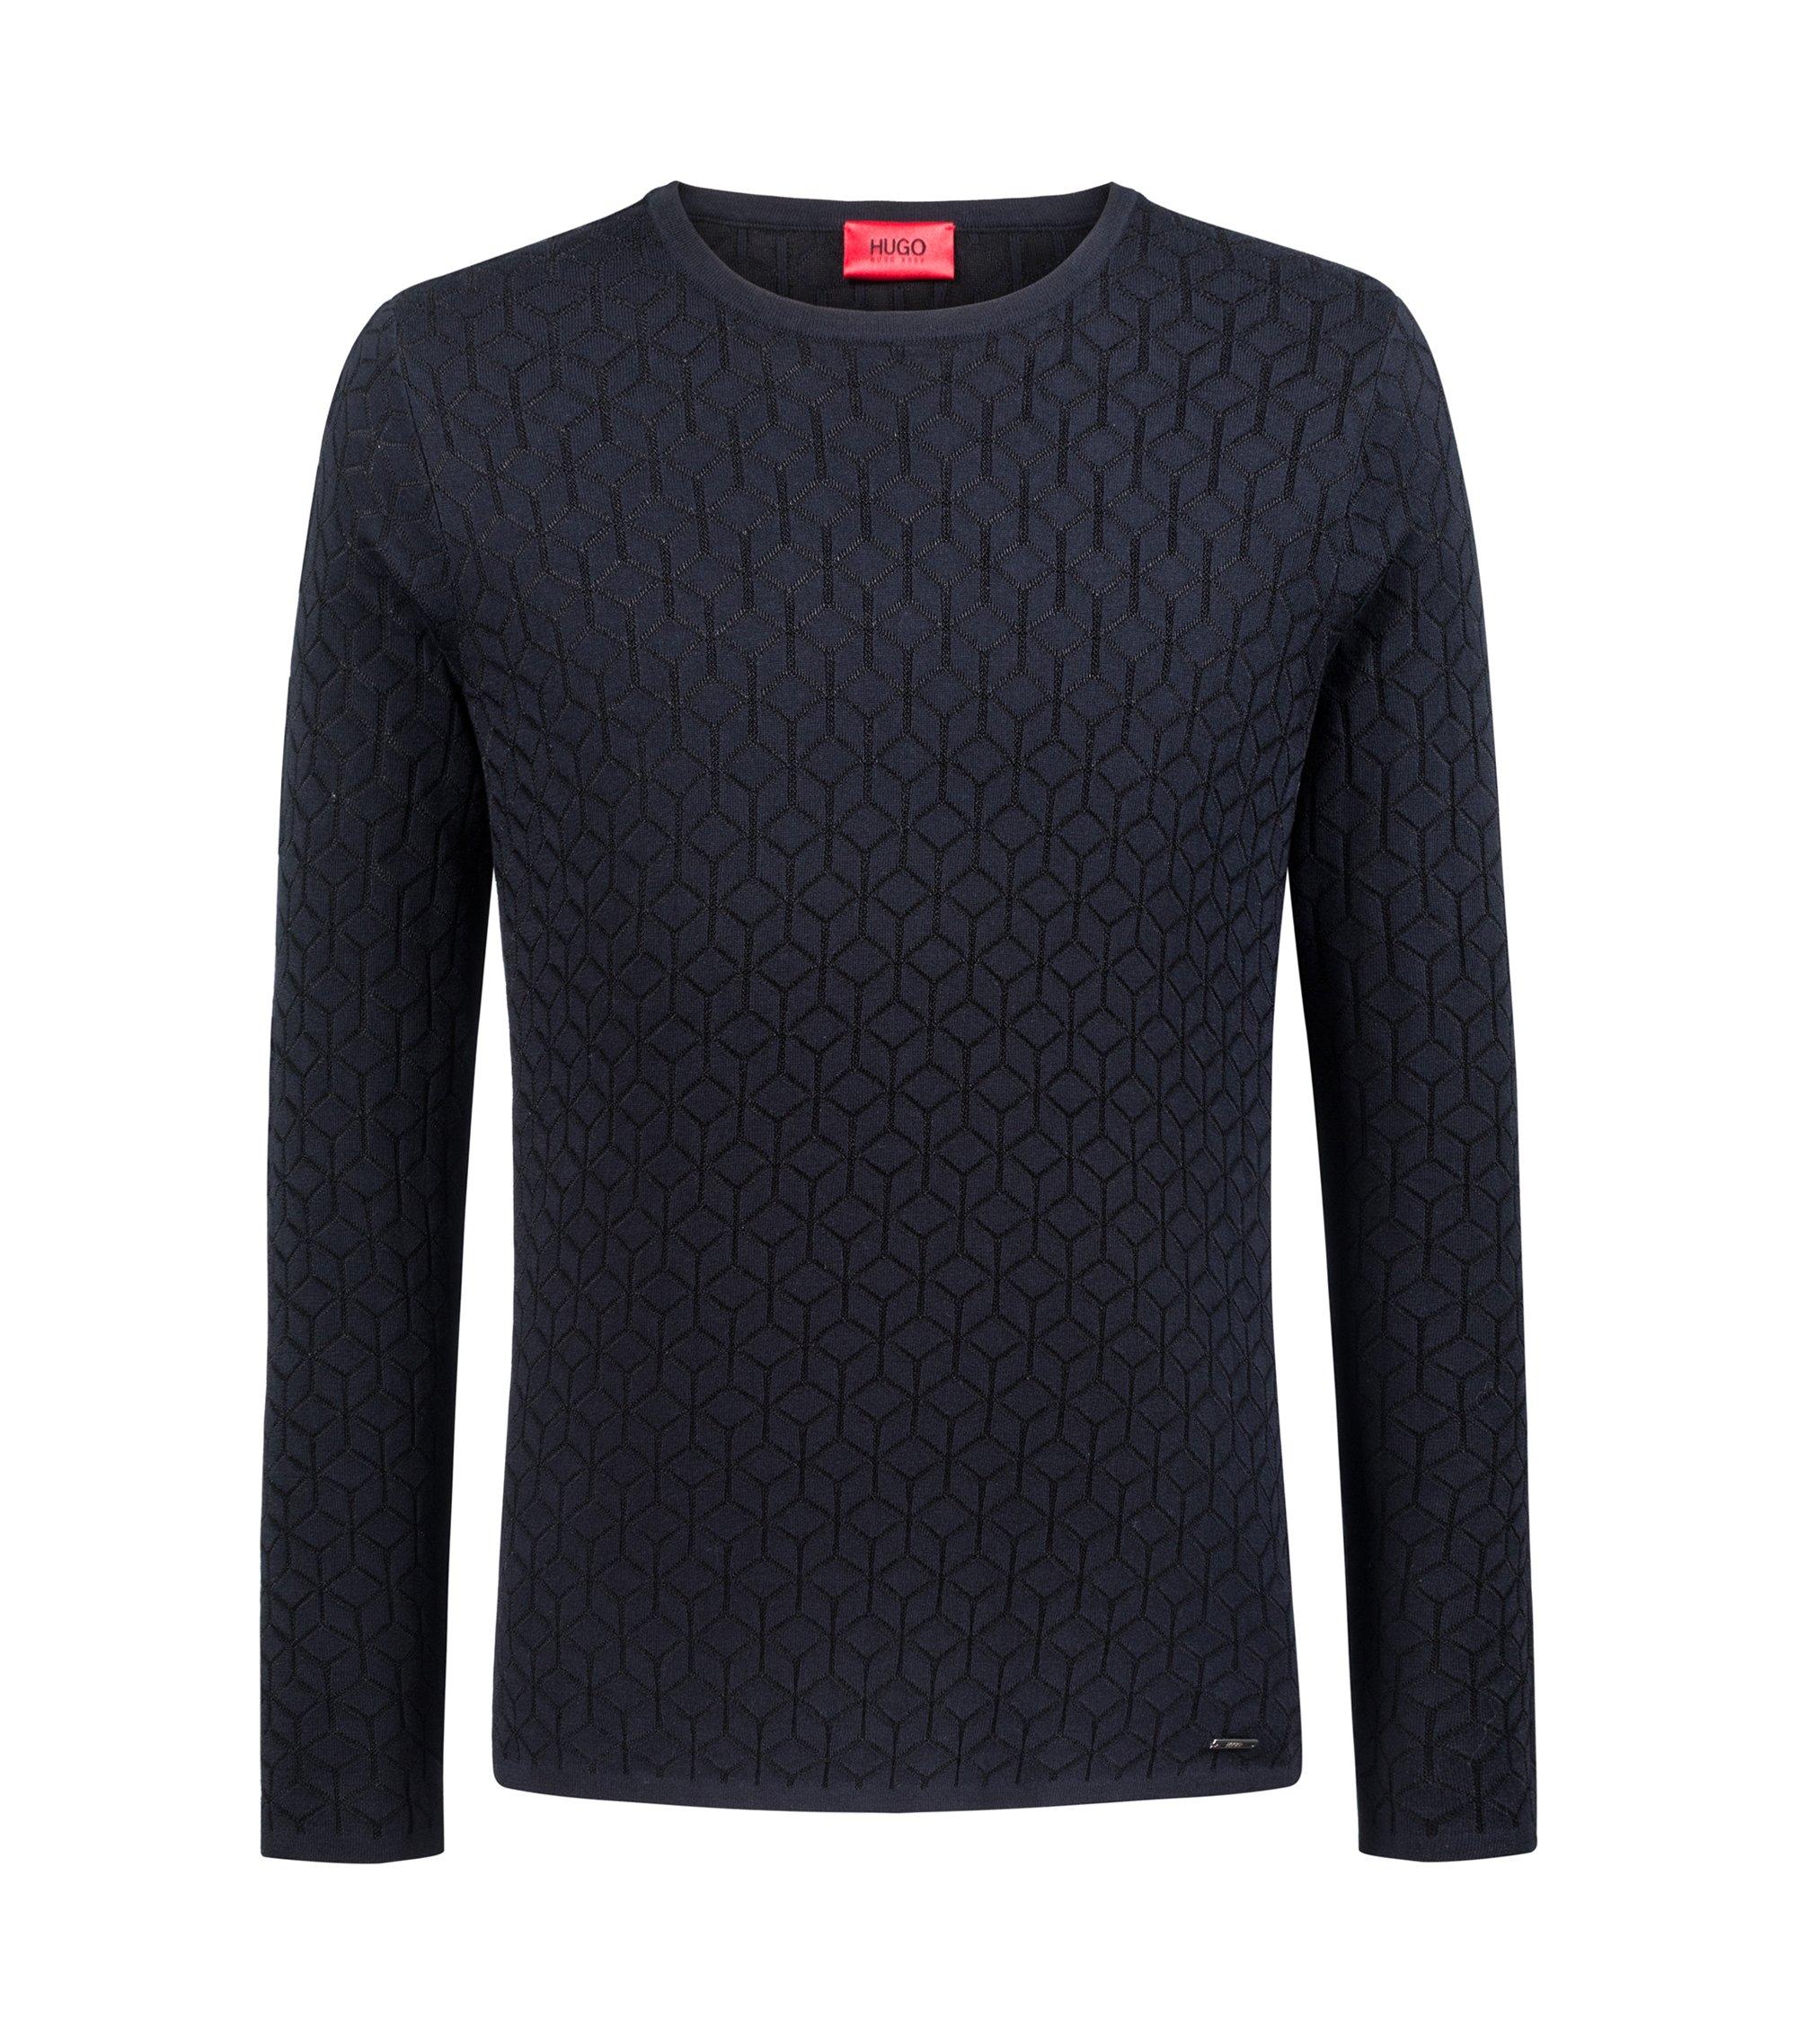 Pullover aus Jacquard-Strick mit geometrischem Muster, Dunkelblau